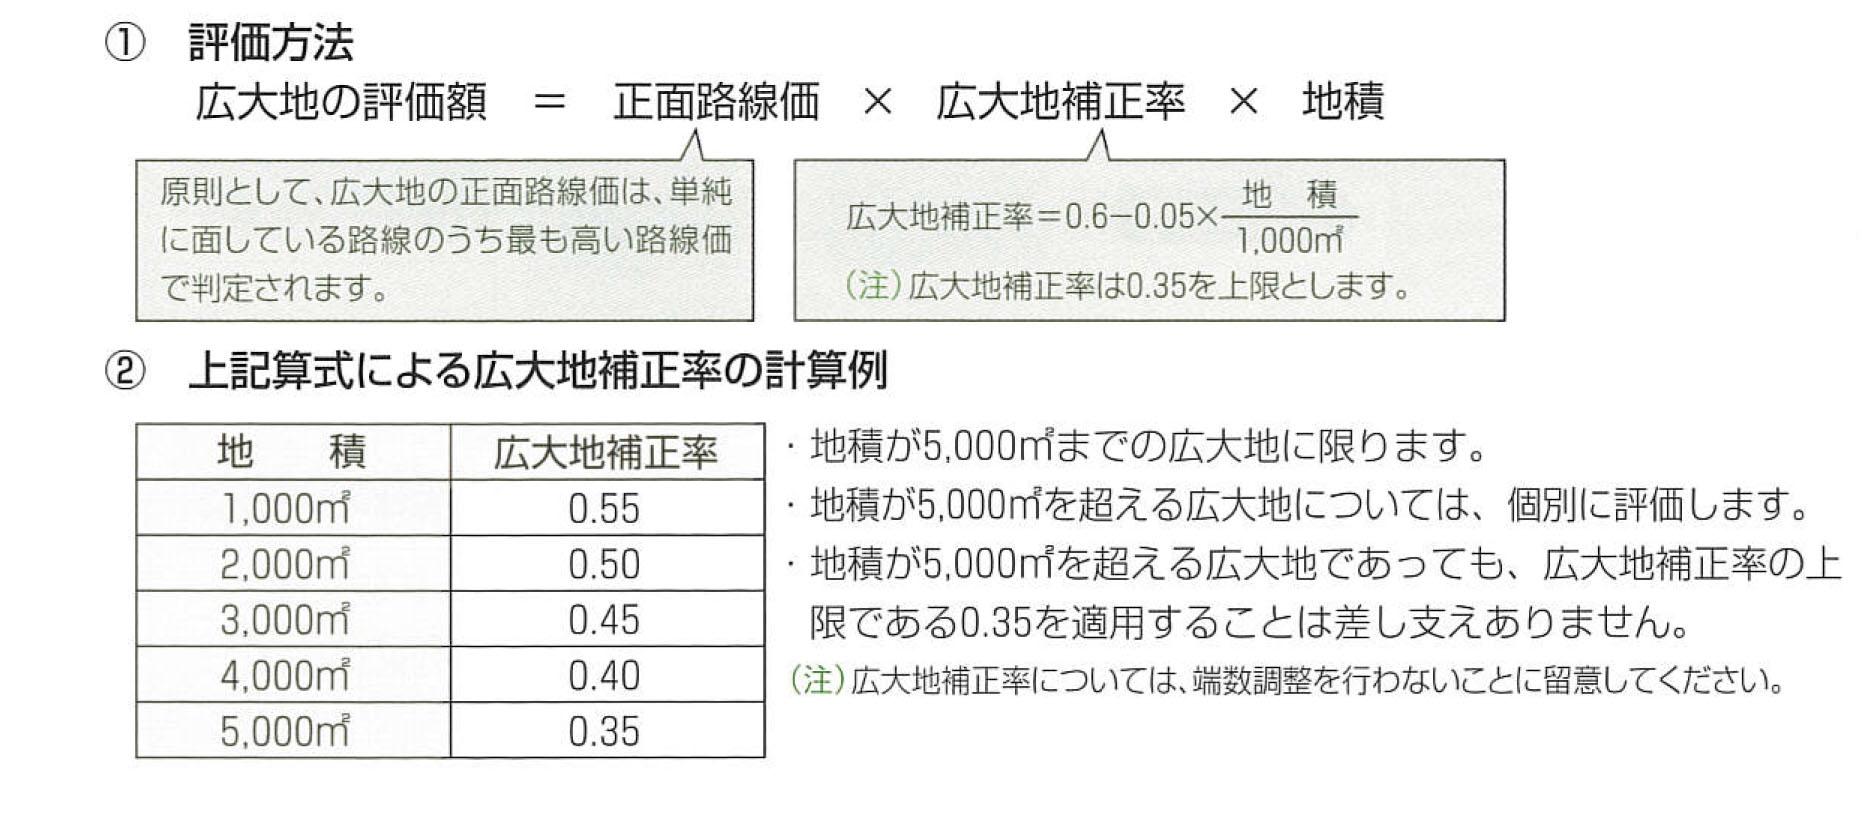 土地有効活用による節税-2(図1)